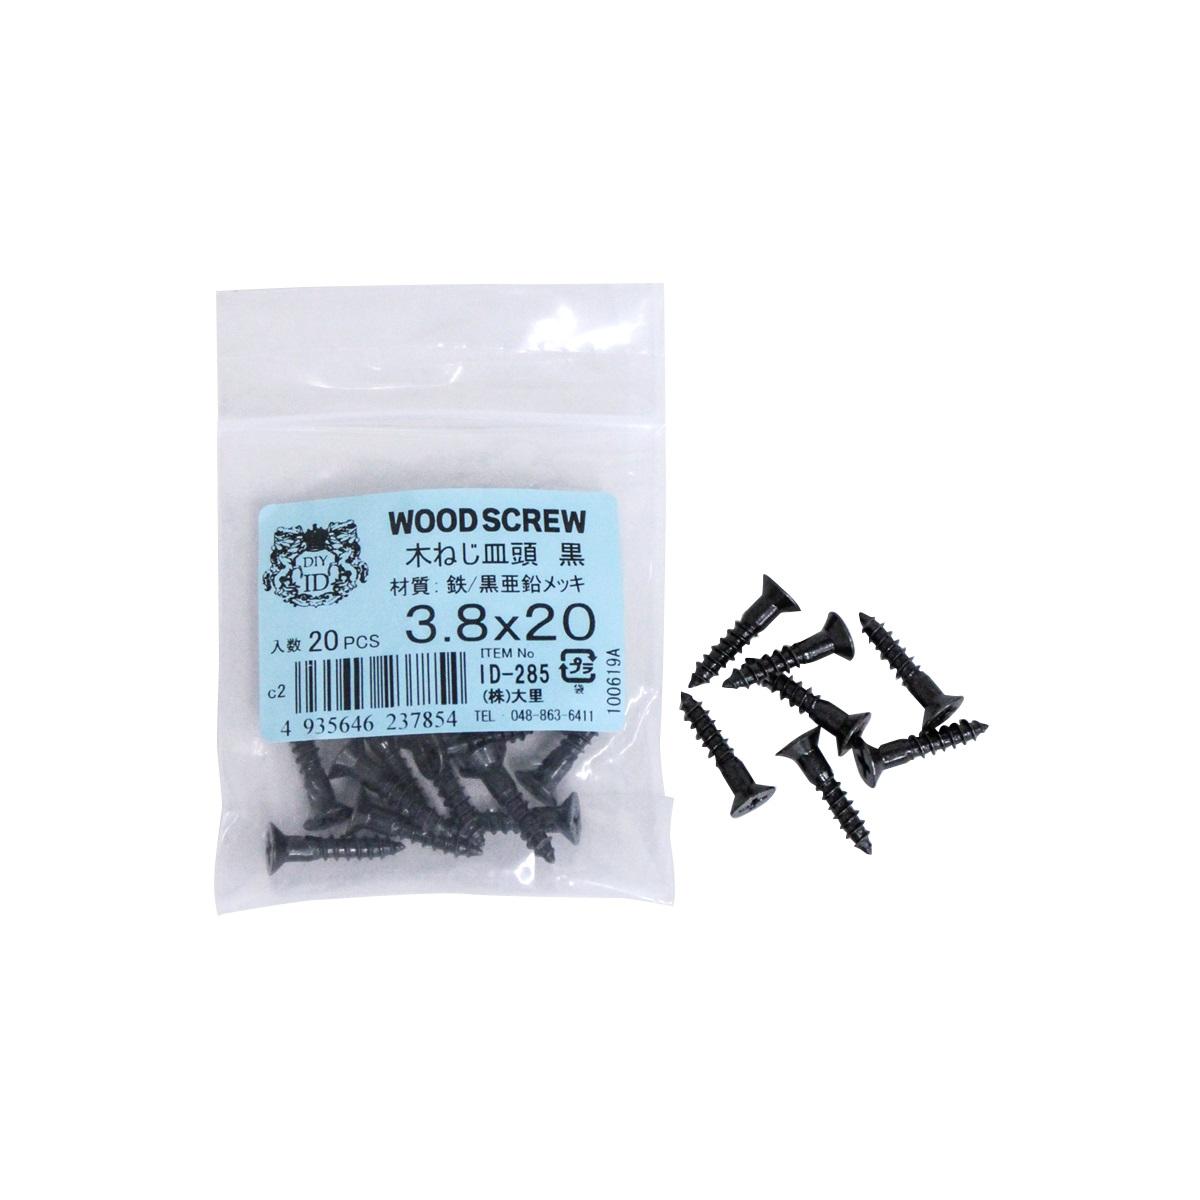 木ねじ 黒 3.8×20(mm) 20本入 DIY-ID